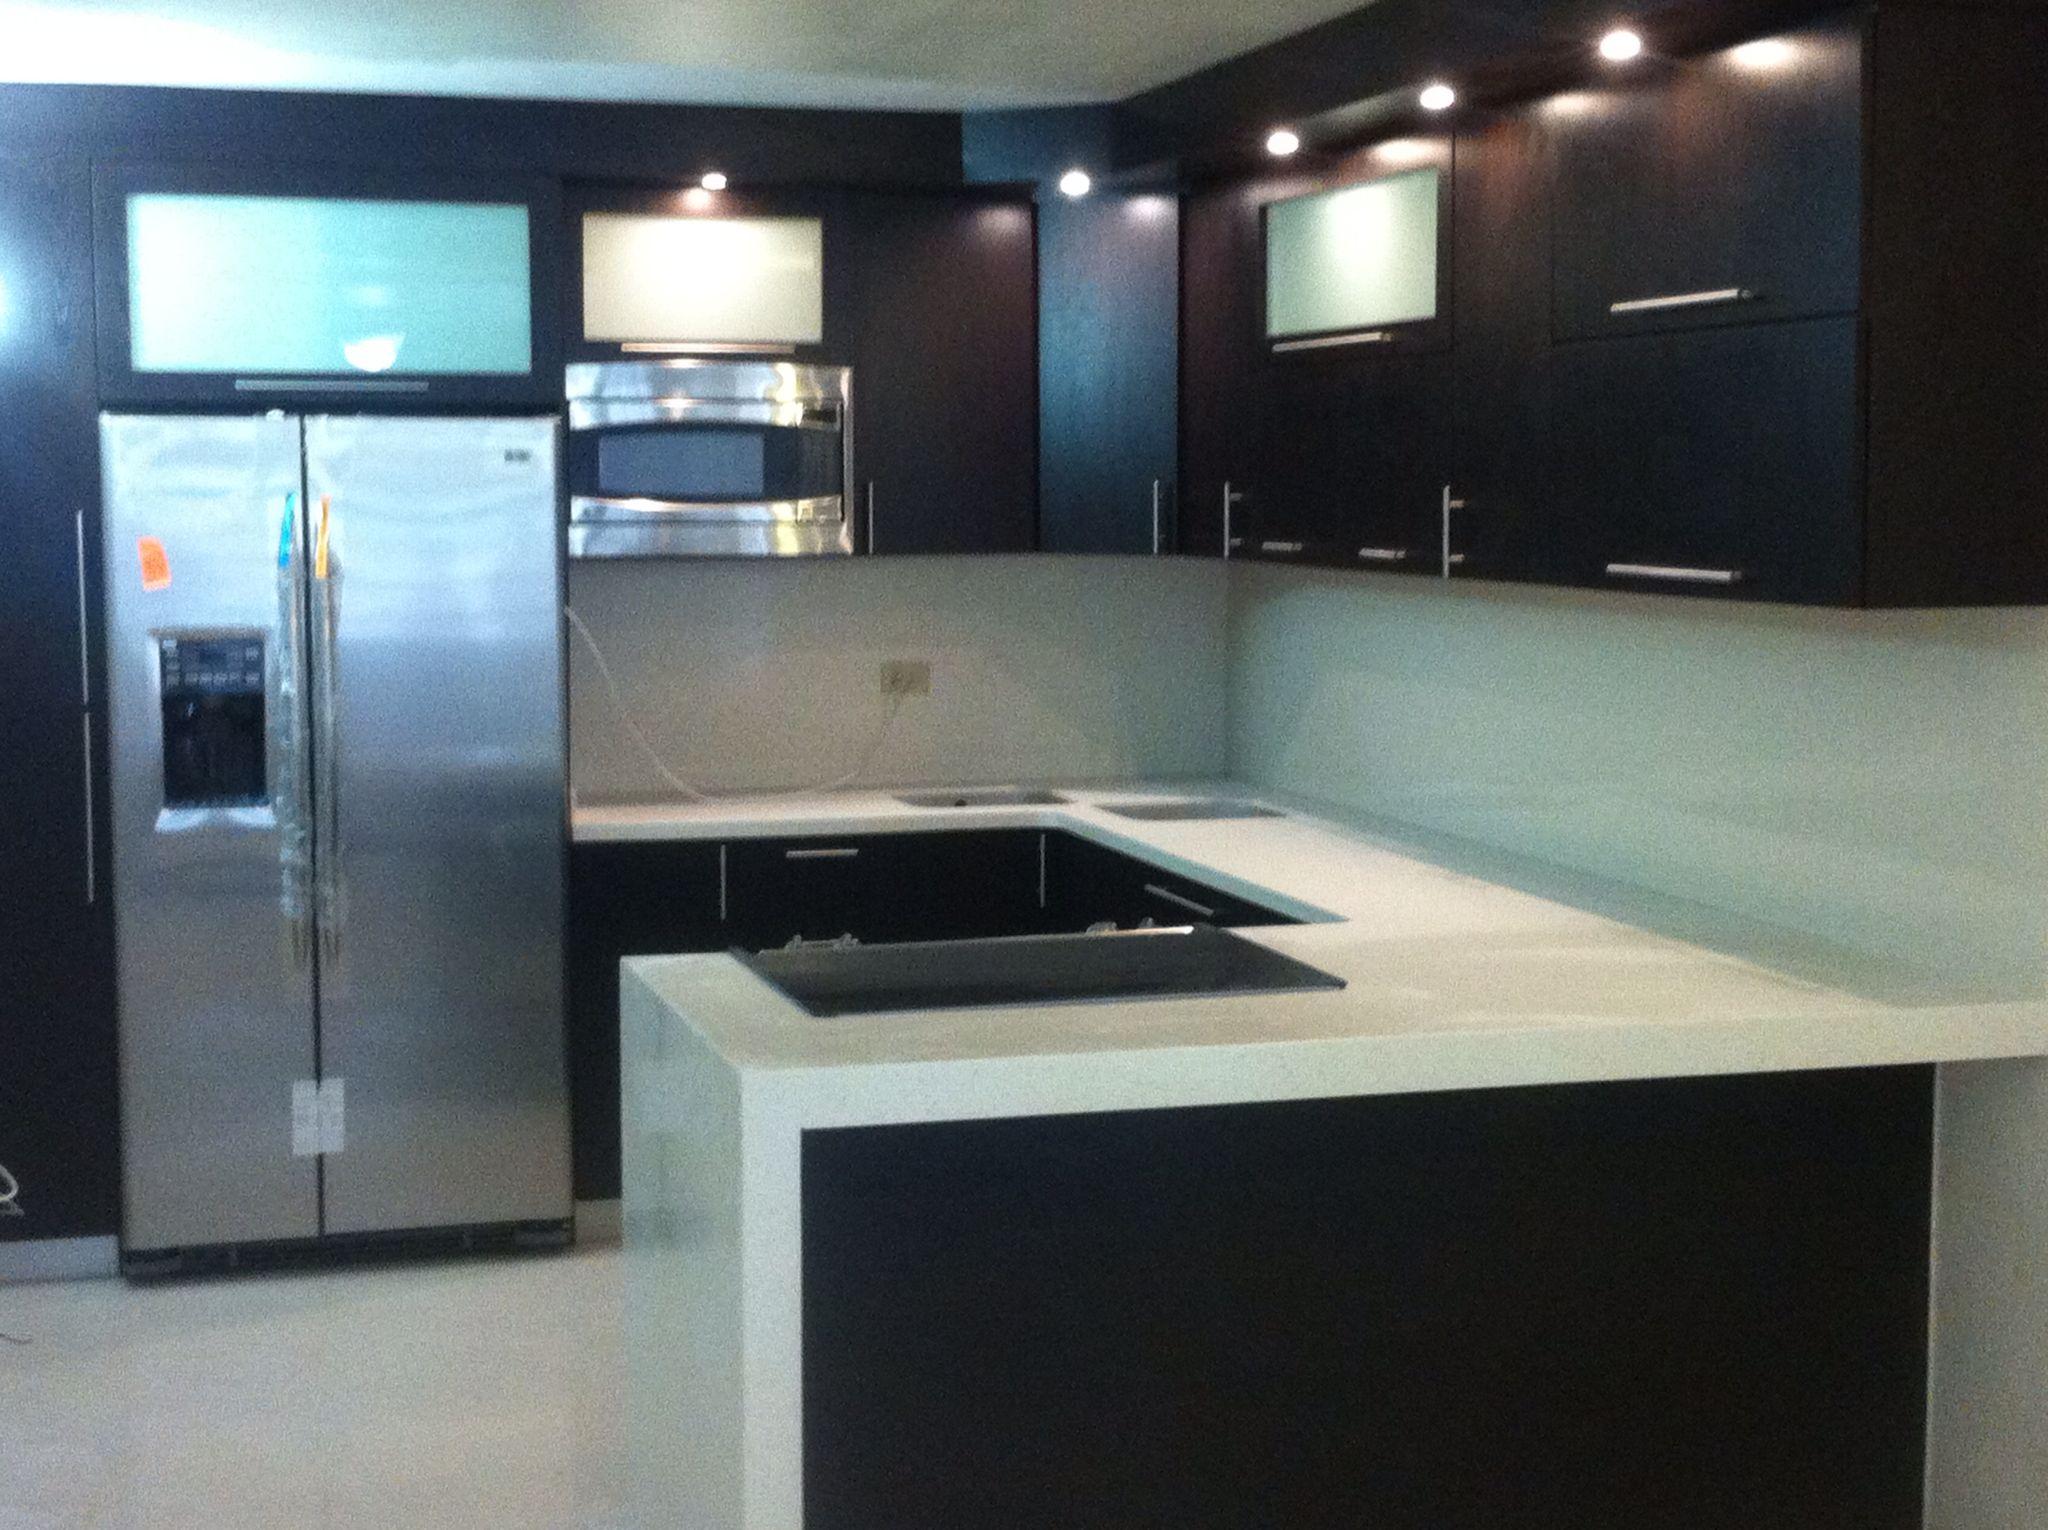 Gabinetes pvc superficie s lida corian gabinetes cocina for Decoracion del hogar en puerto rico